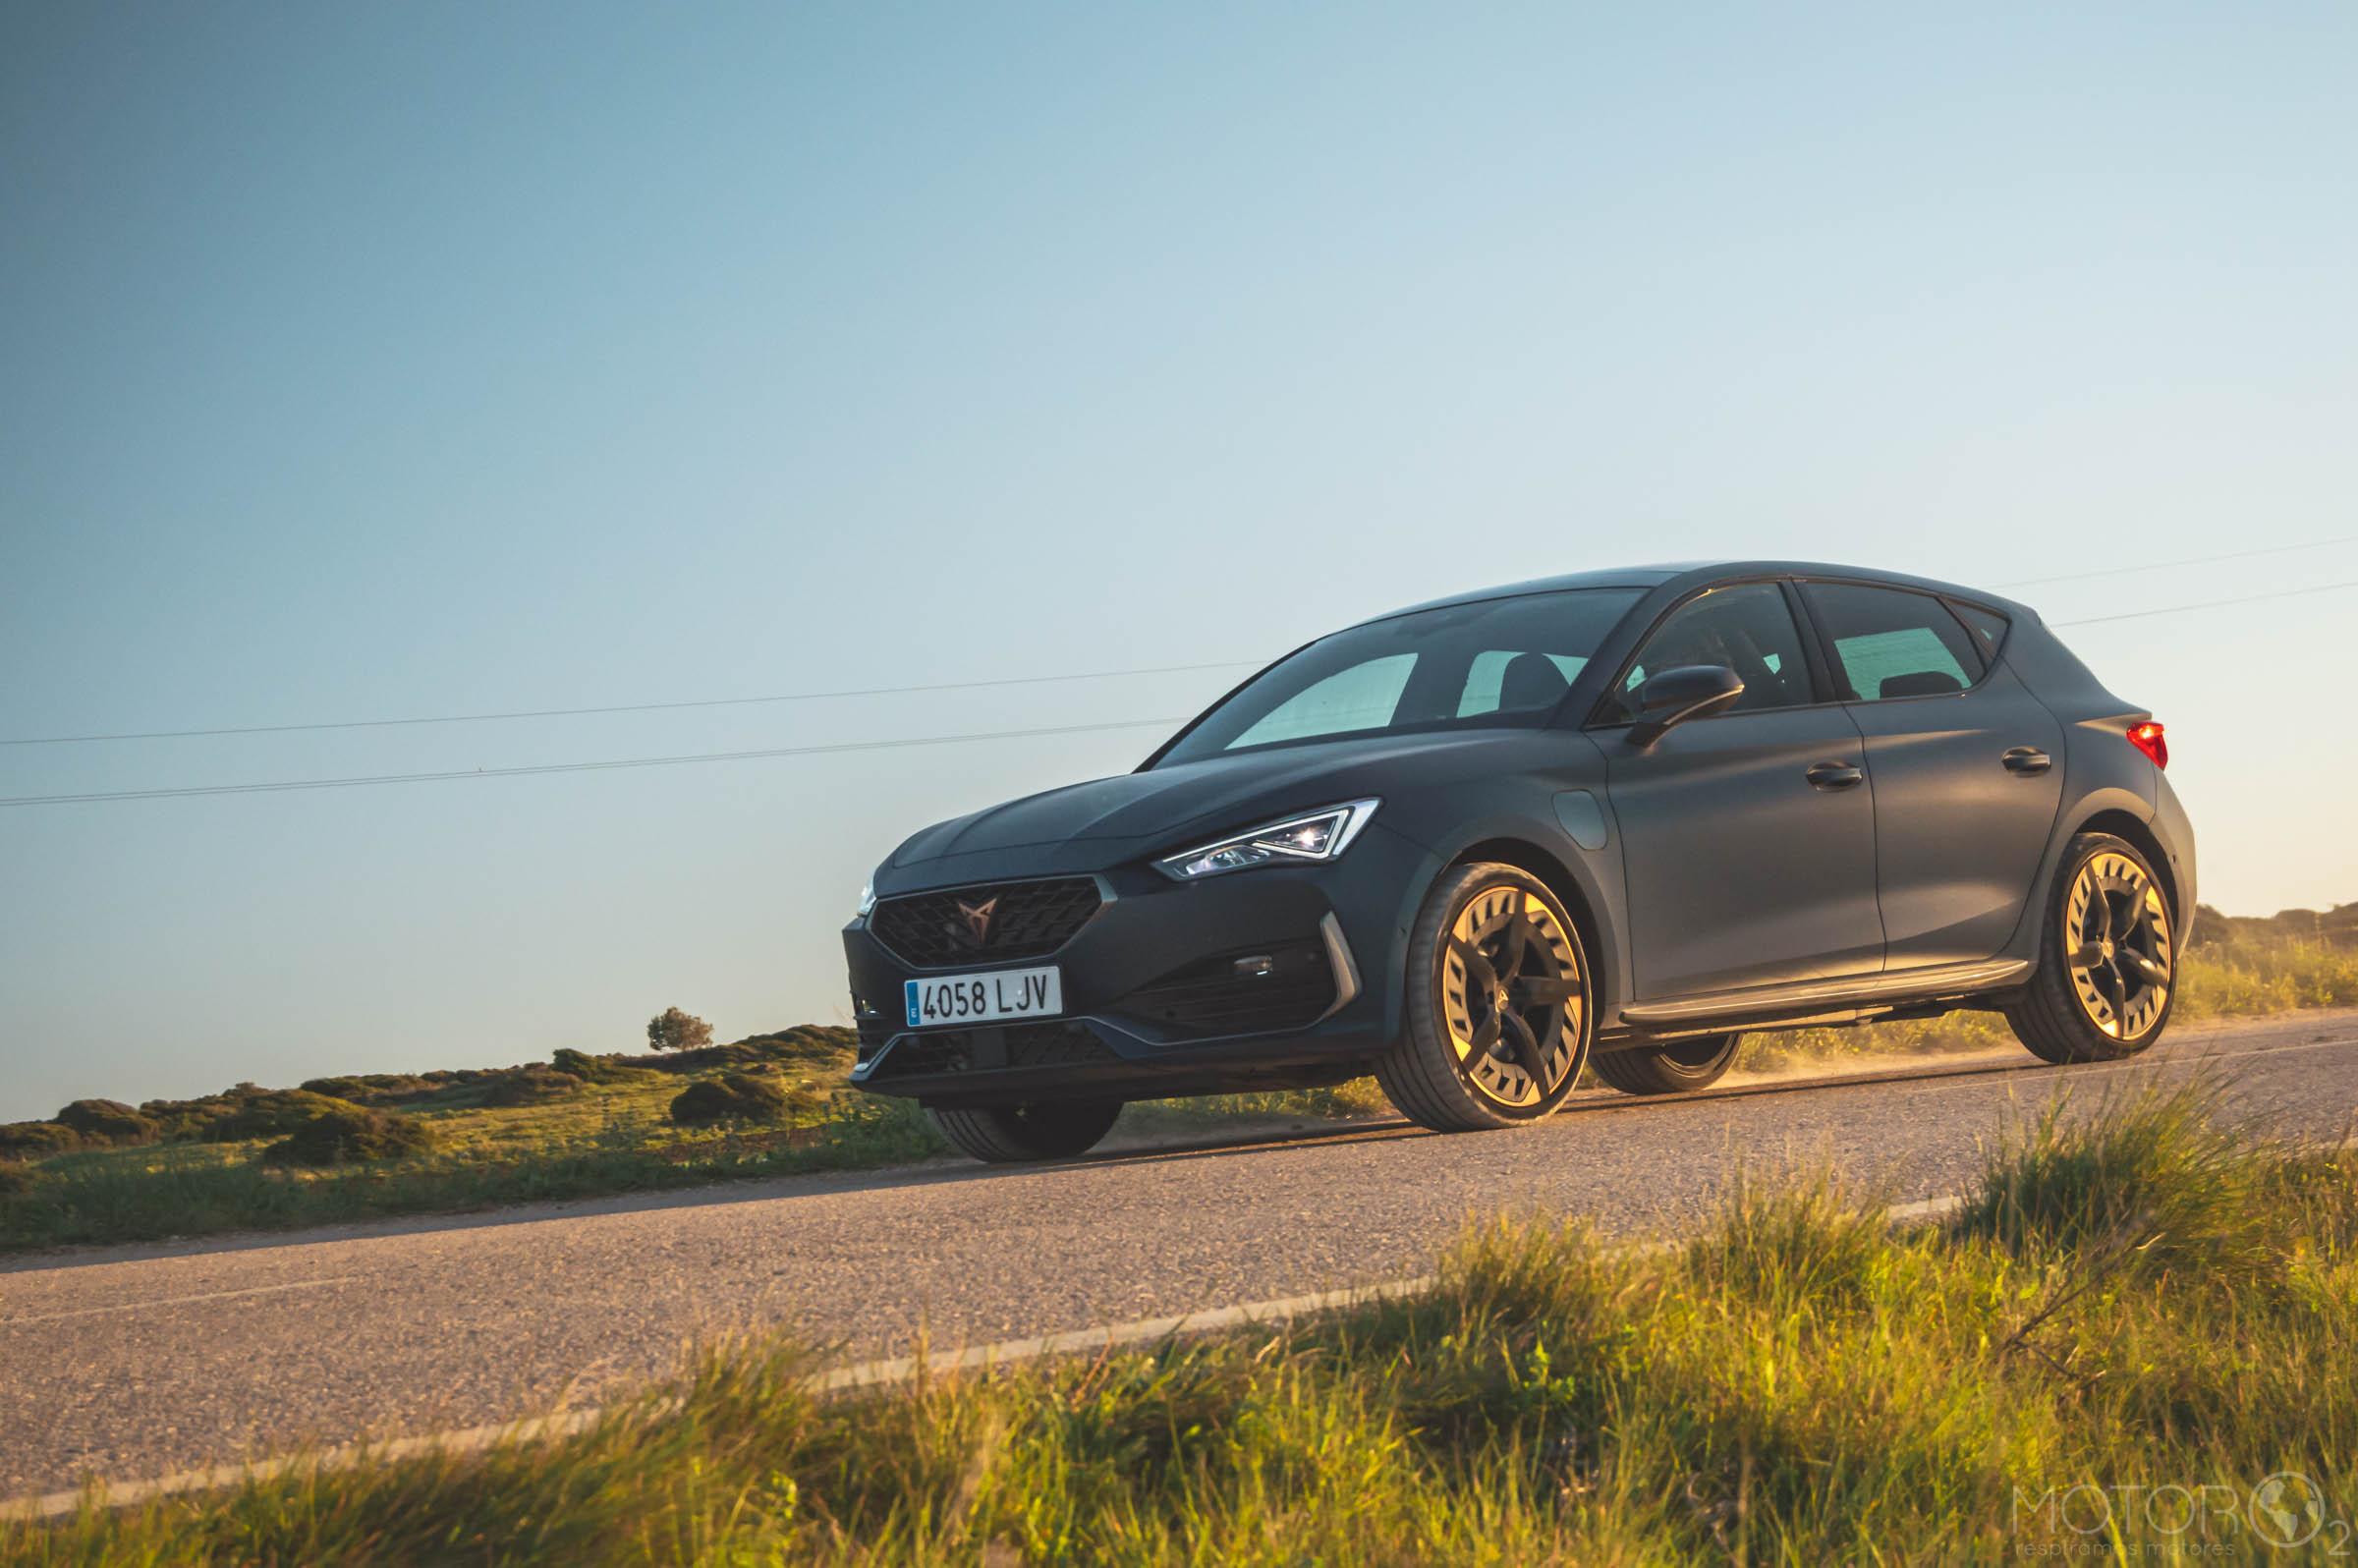 Teste ao Cupra Leon e-Hybrid: o híbrido desportivo